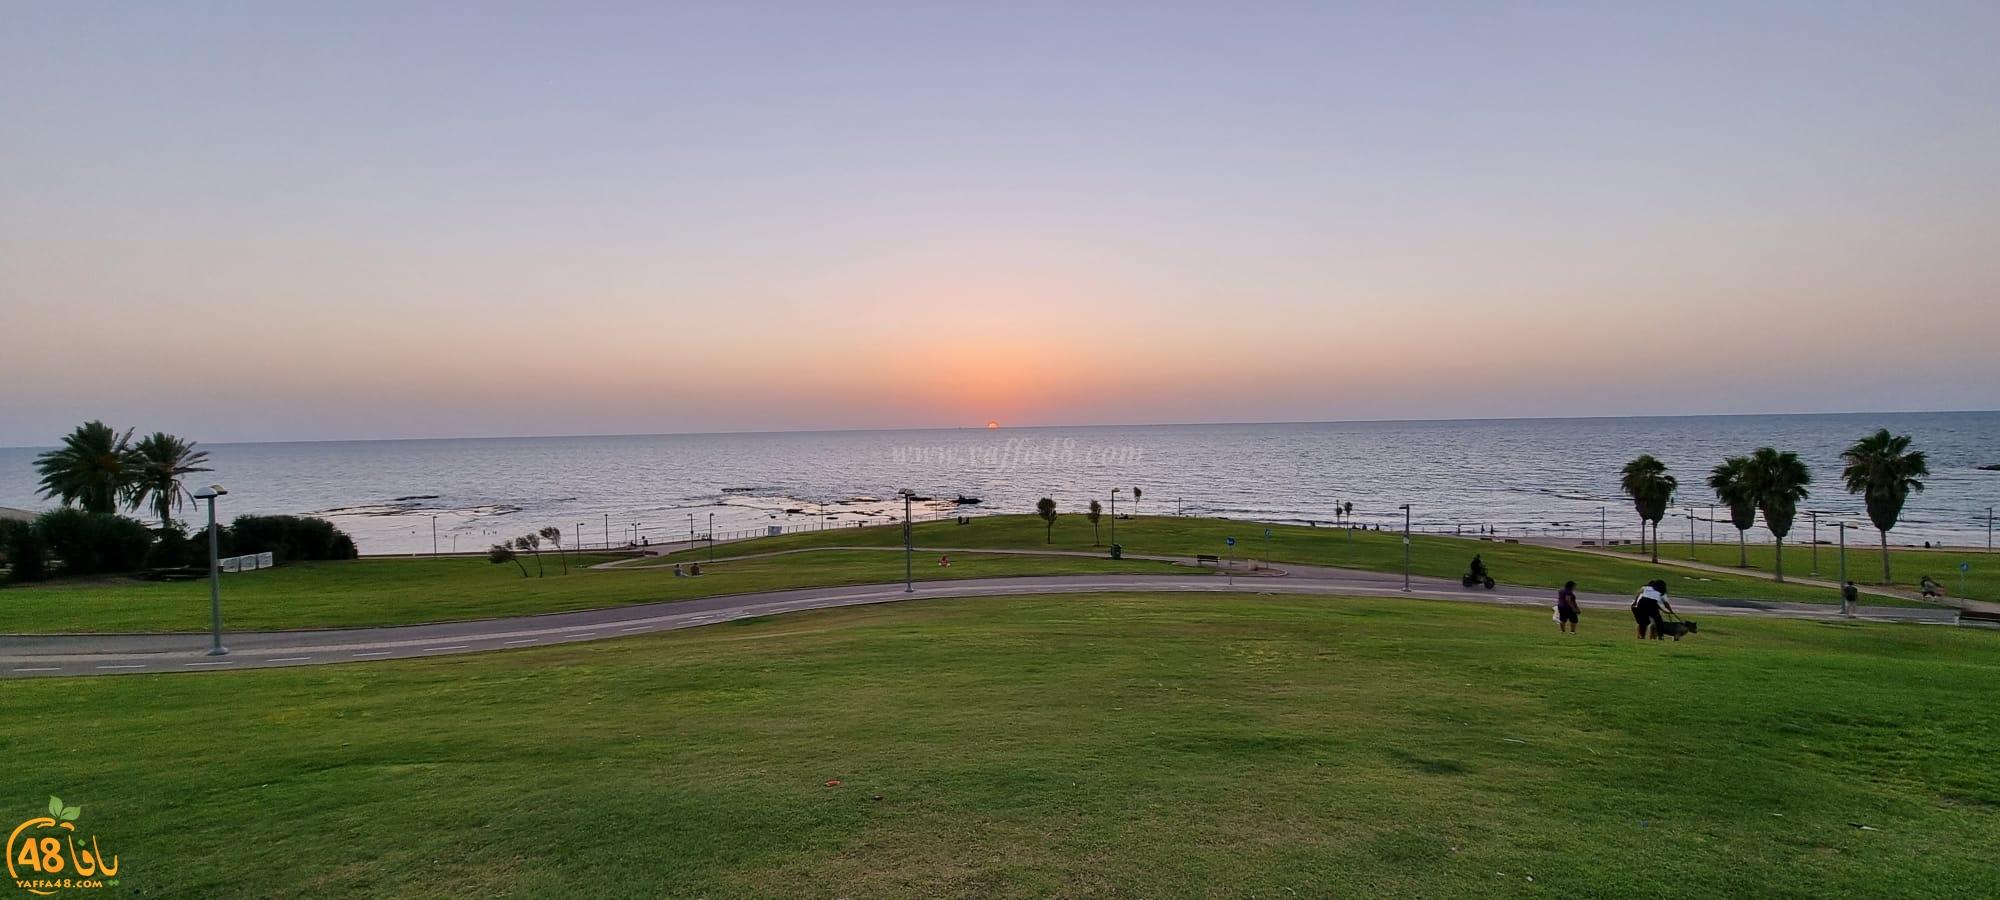 مشاهد ساحرة لغروب الشمس من أمام شاطئ يافا